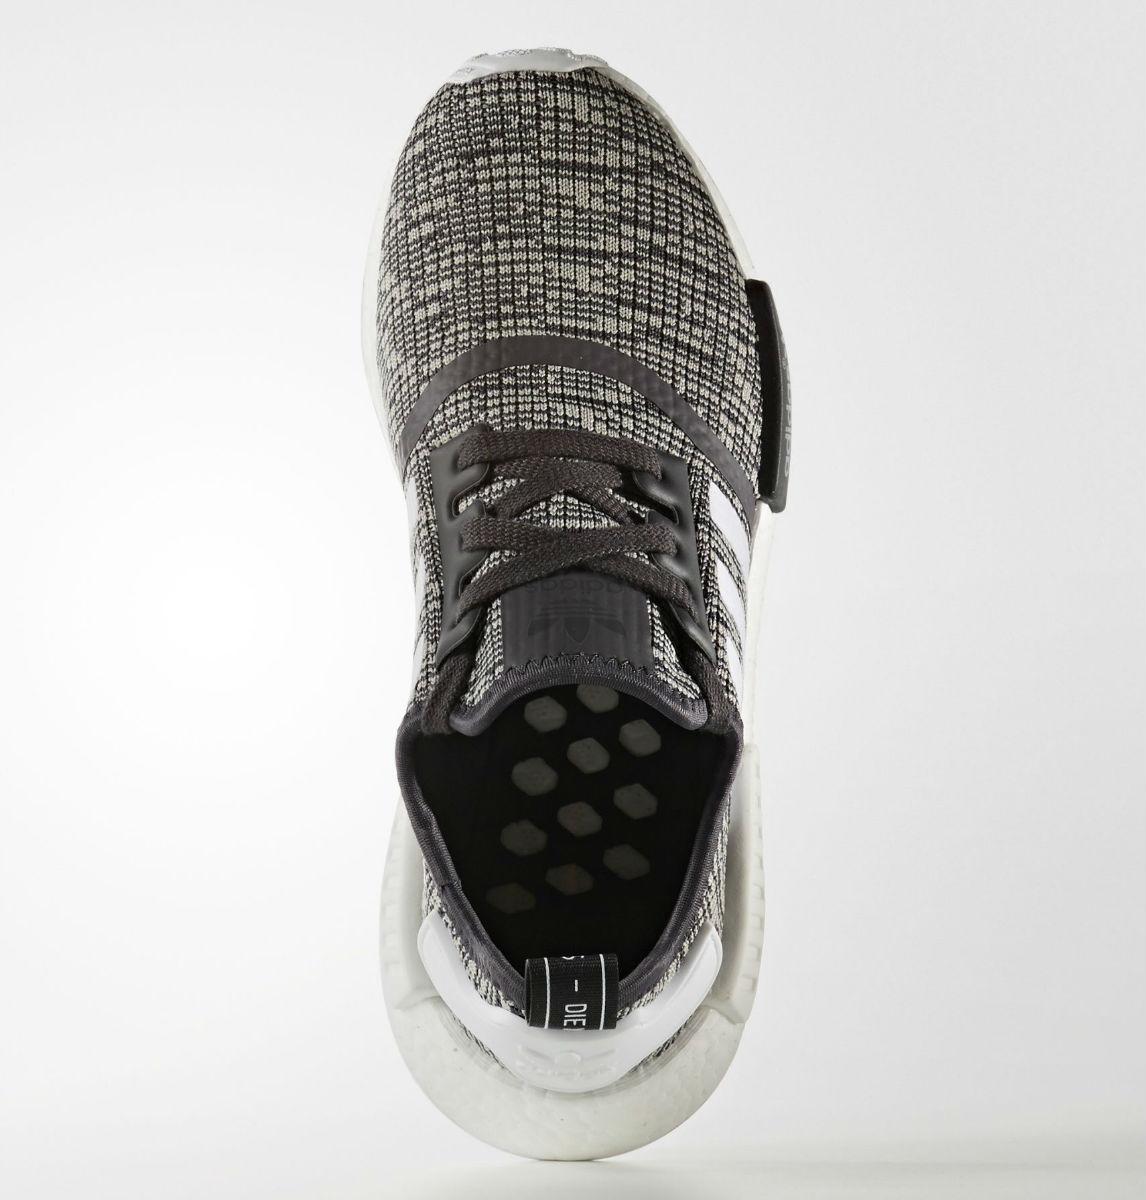 d192f8d87cf12 Adidas NMD R1 Glitch Women s Midnight Grey Top BY3035